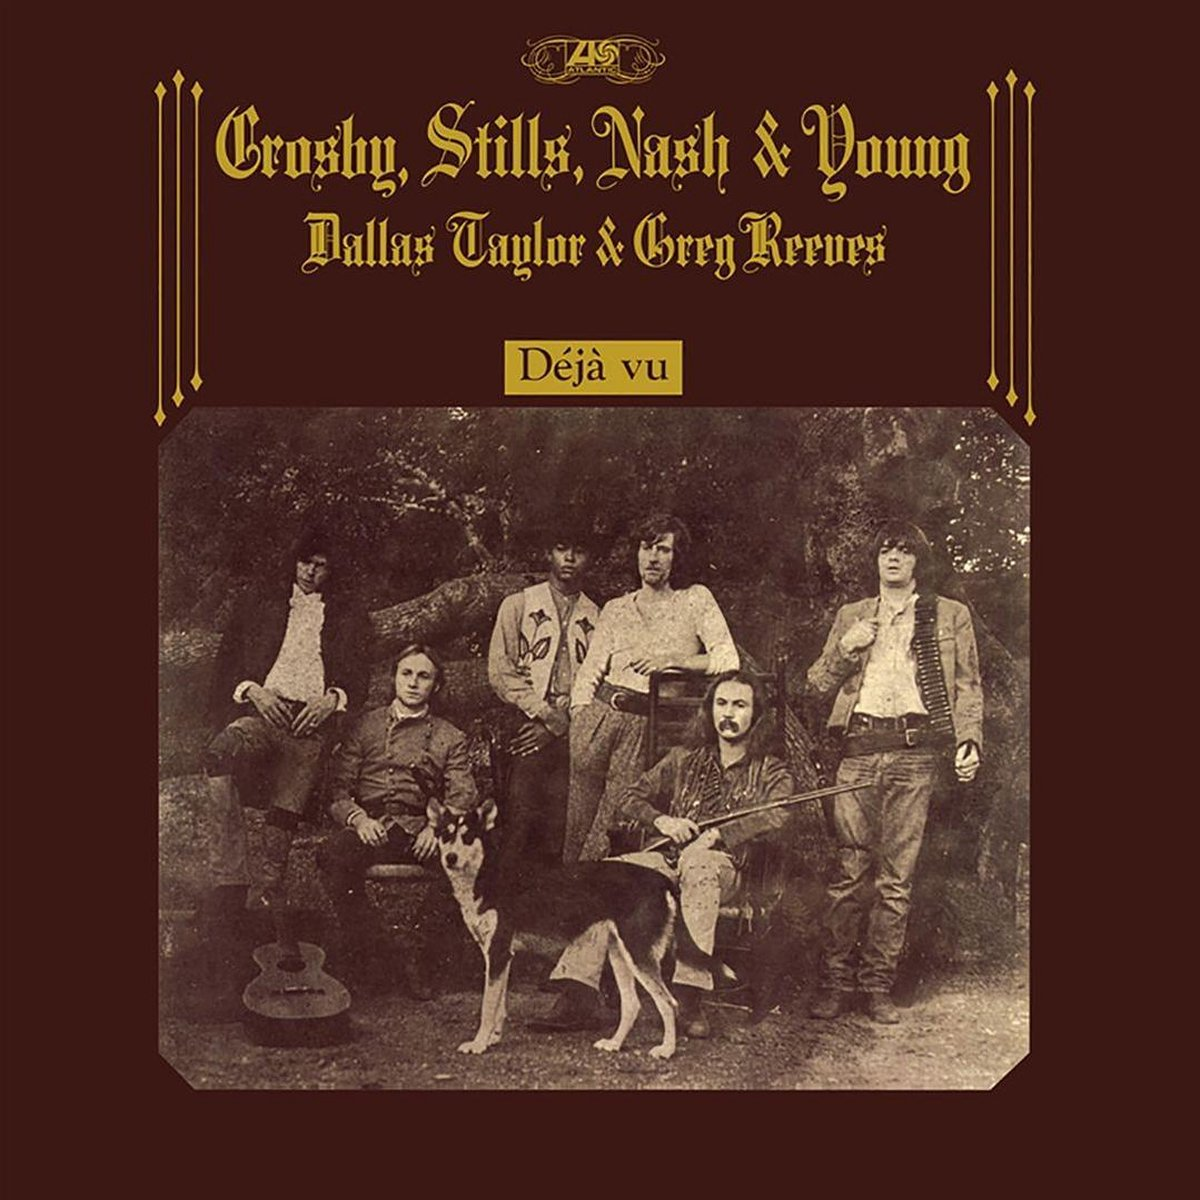 Crosby, Stills, Nash & Young- Déjà Vu (50th Anniversary Deluxe Edition)